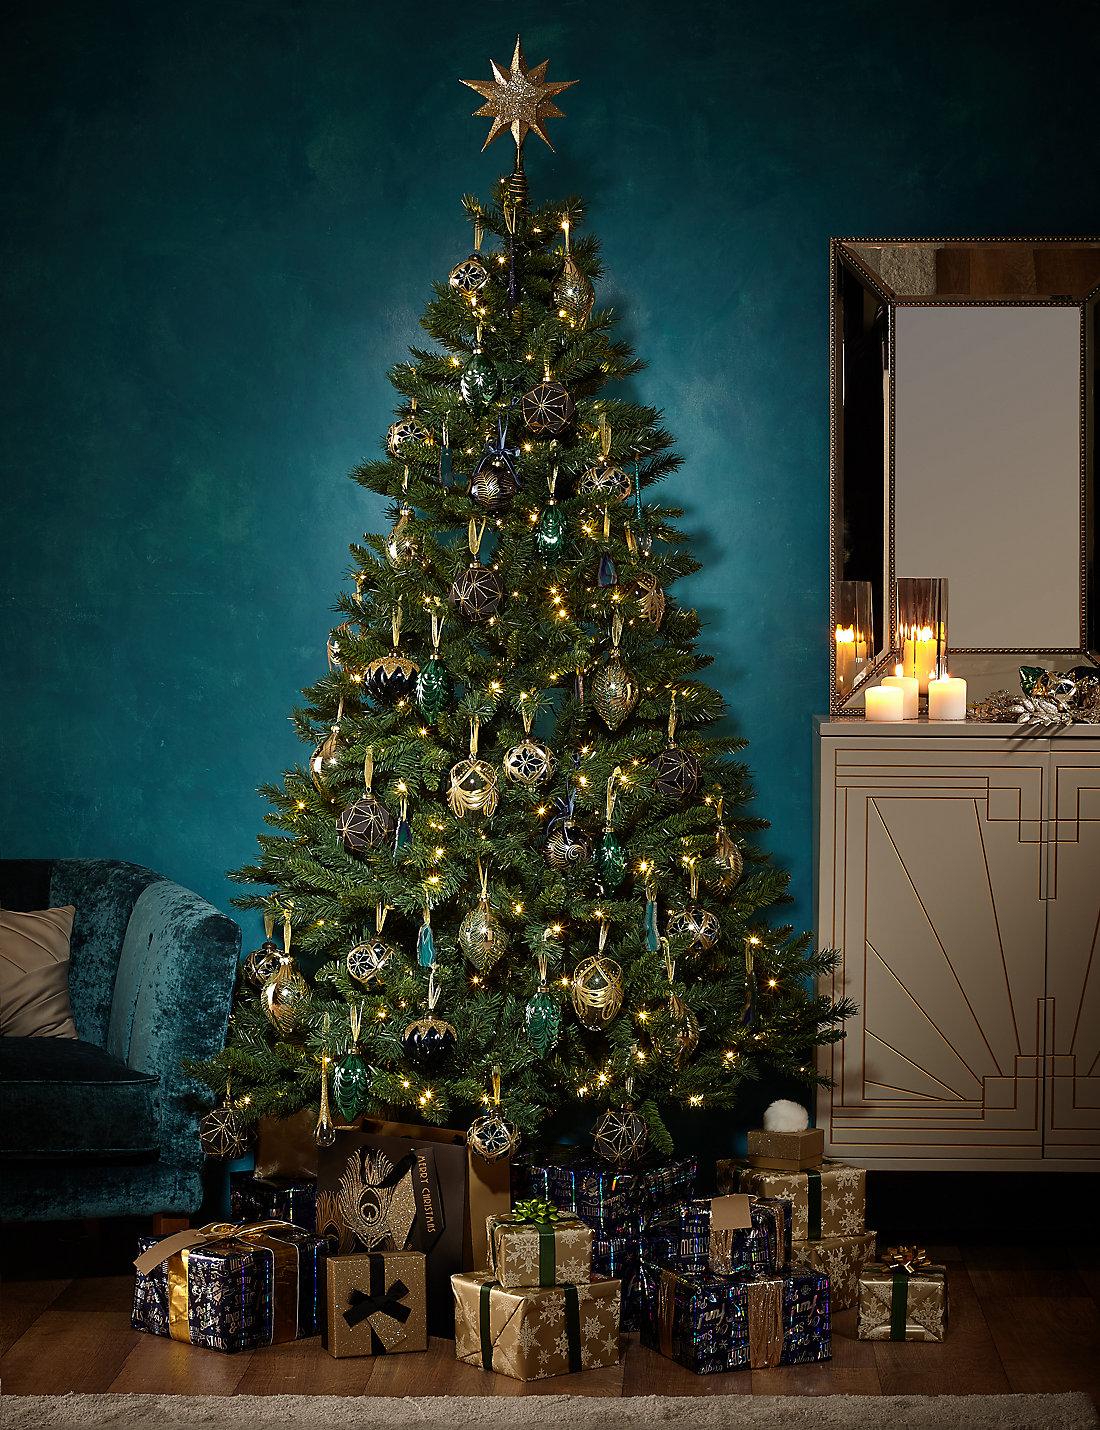 Gambar Pohon Natal 2018 - WargaNet